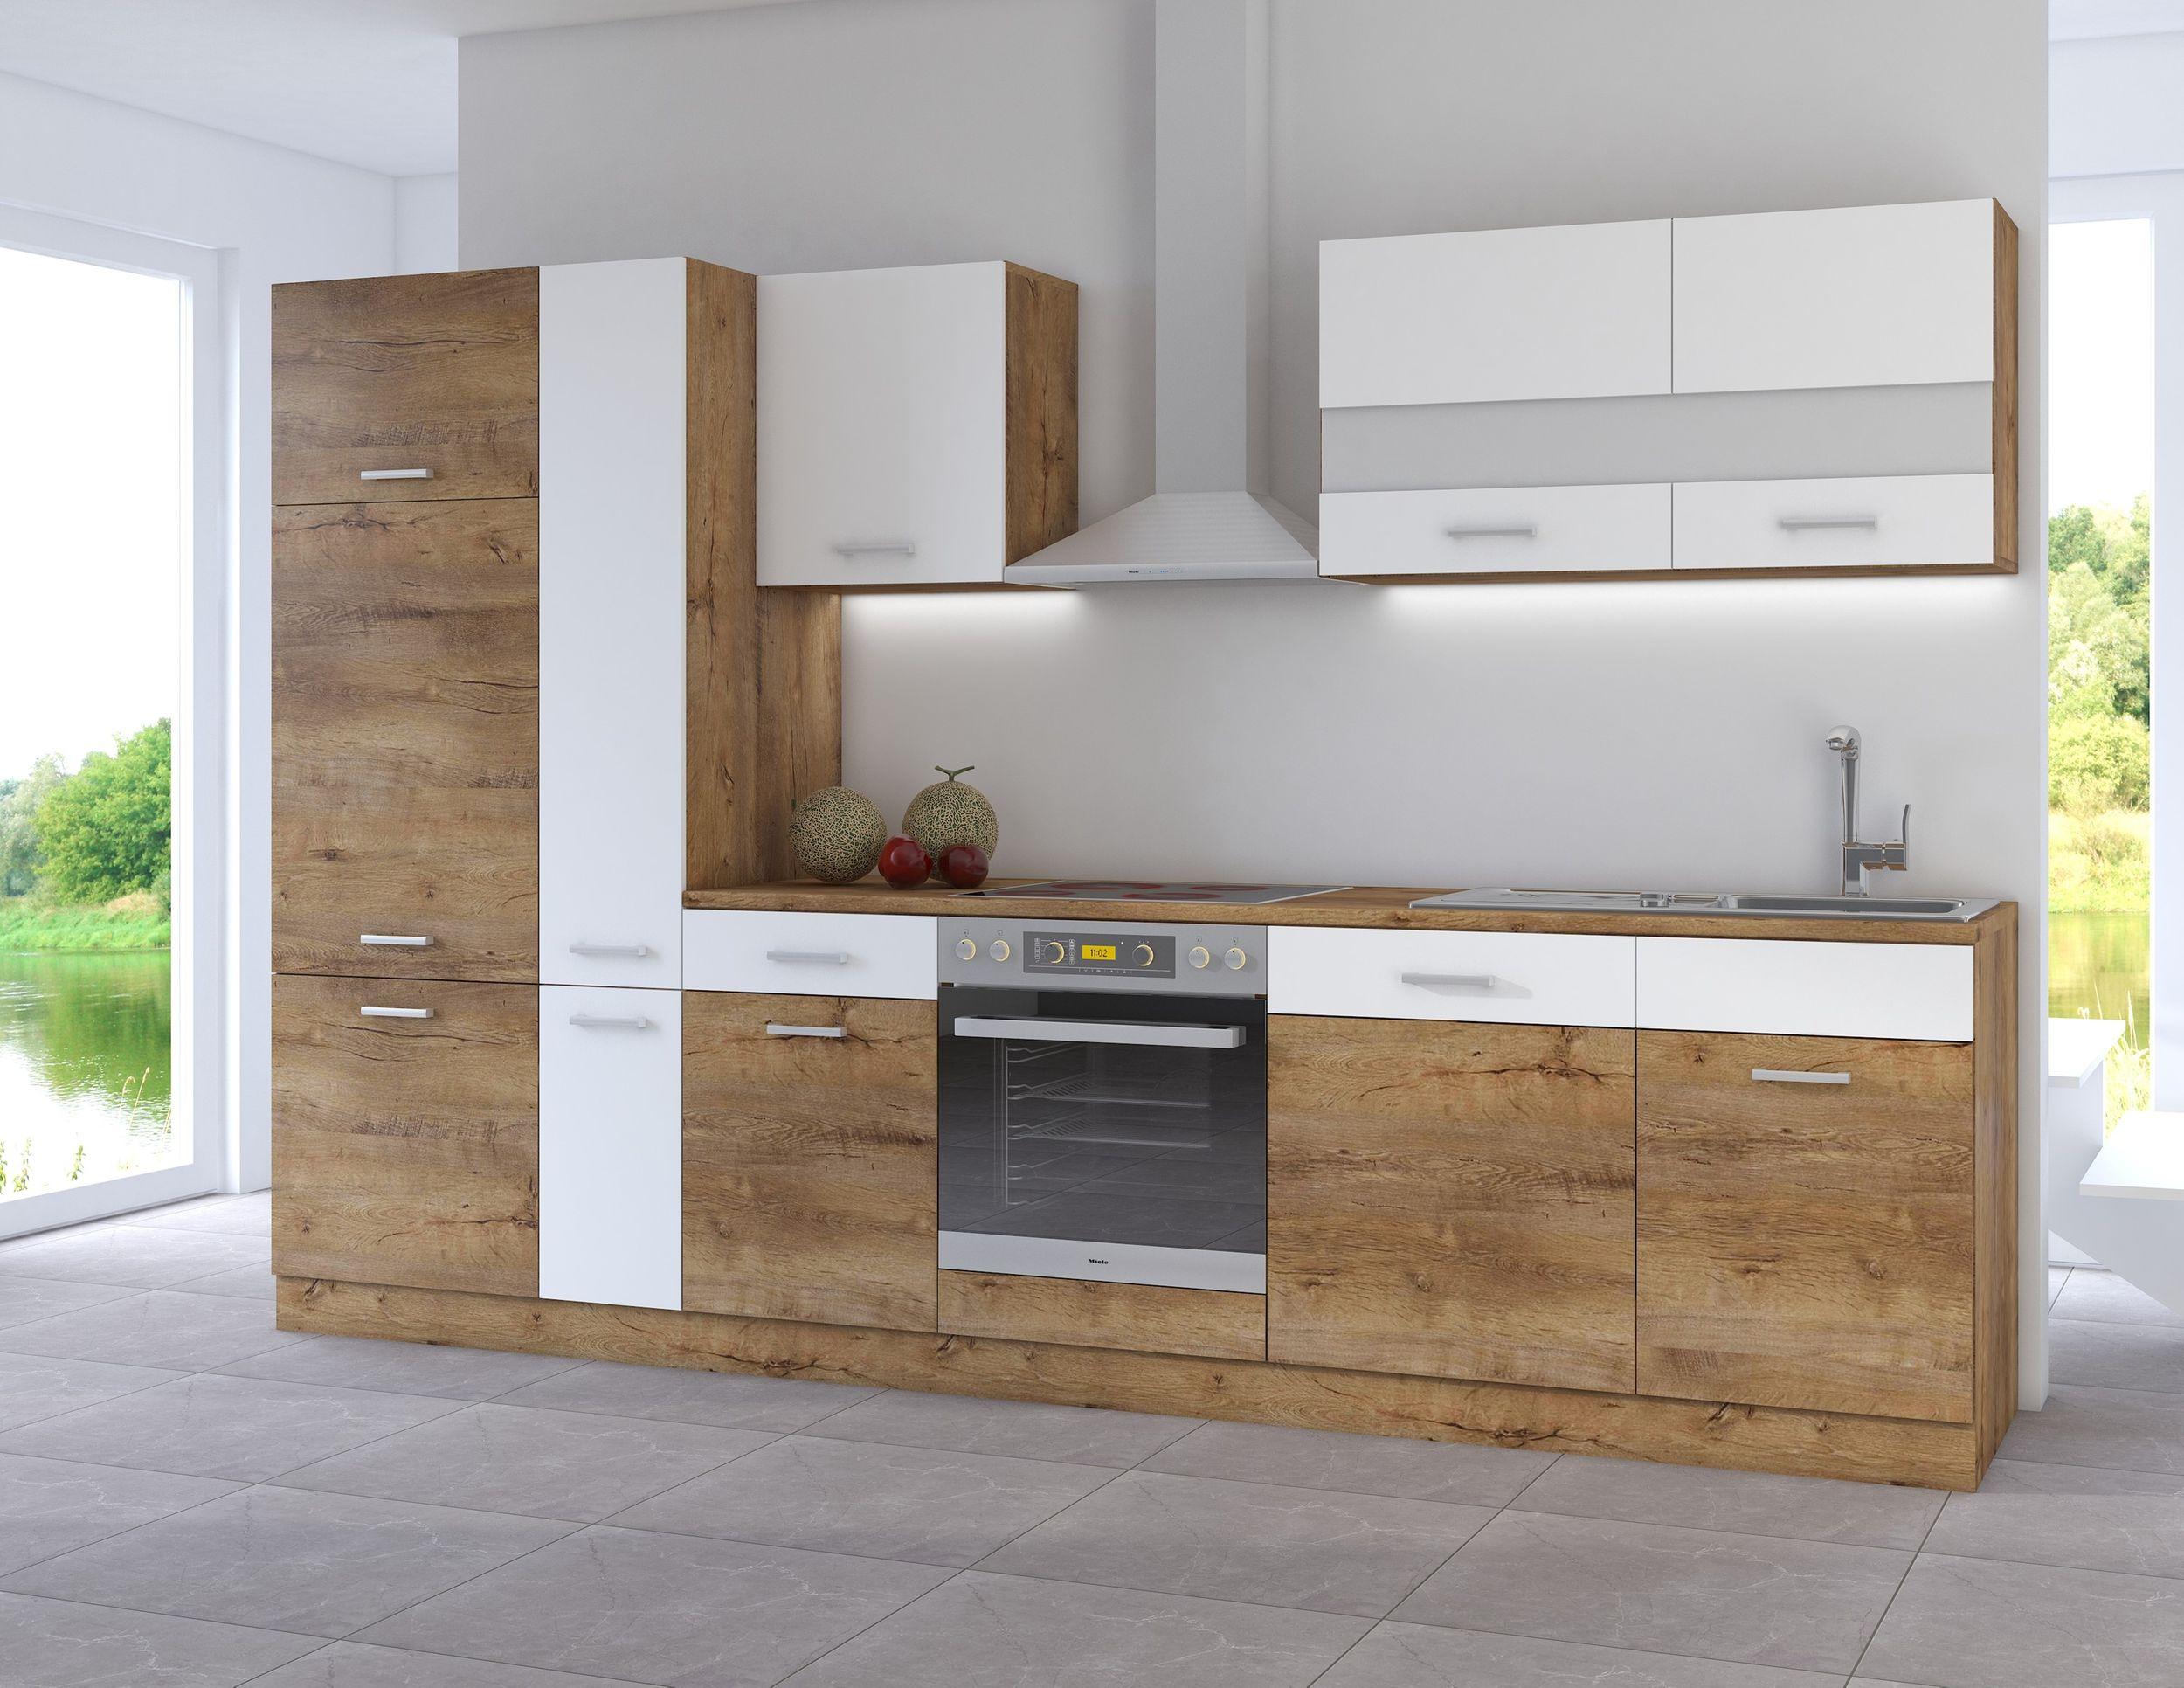 Full Size of Einlegeboden Schublade Küche Einlegeboden Nolte Küche Einlegeboden Küchenschrank Nolte Einlegeböden Küche Küche Einlegeböden Küche